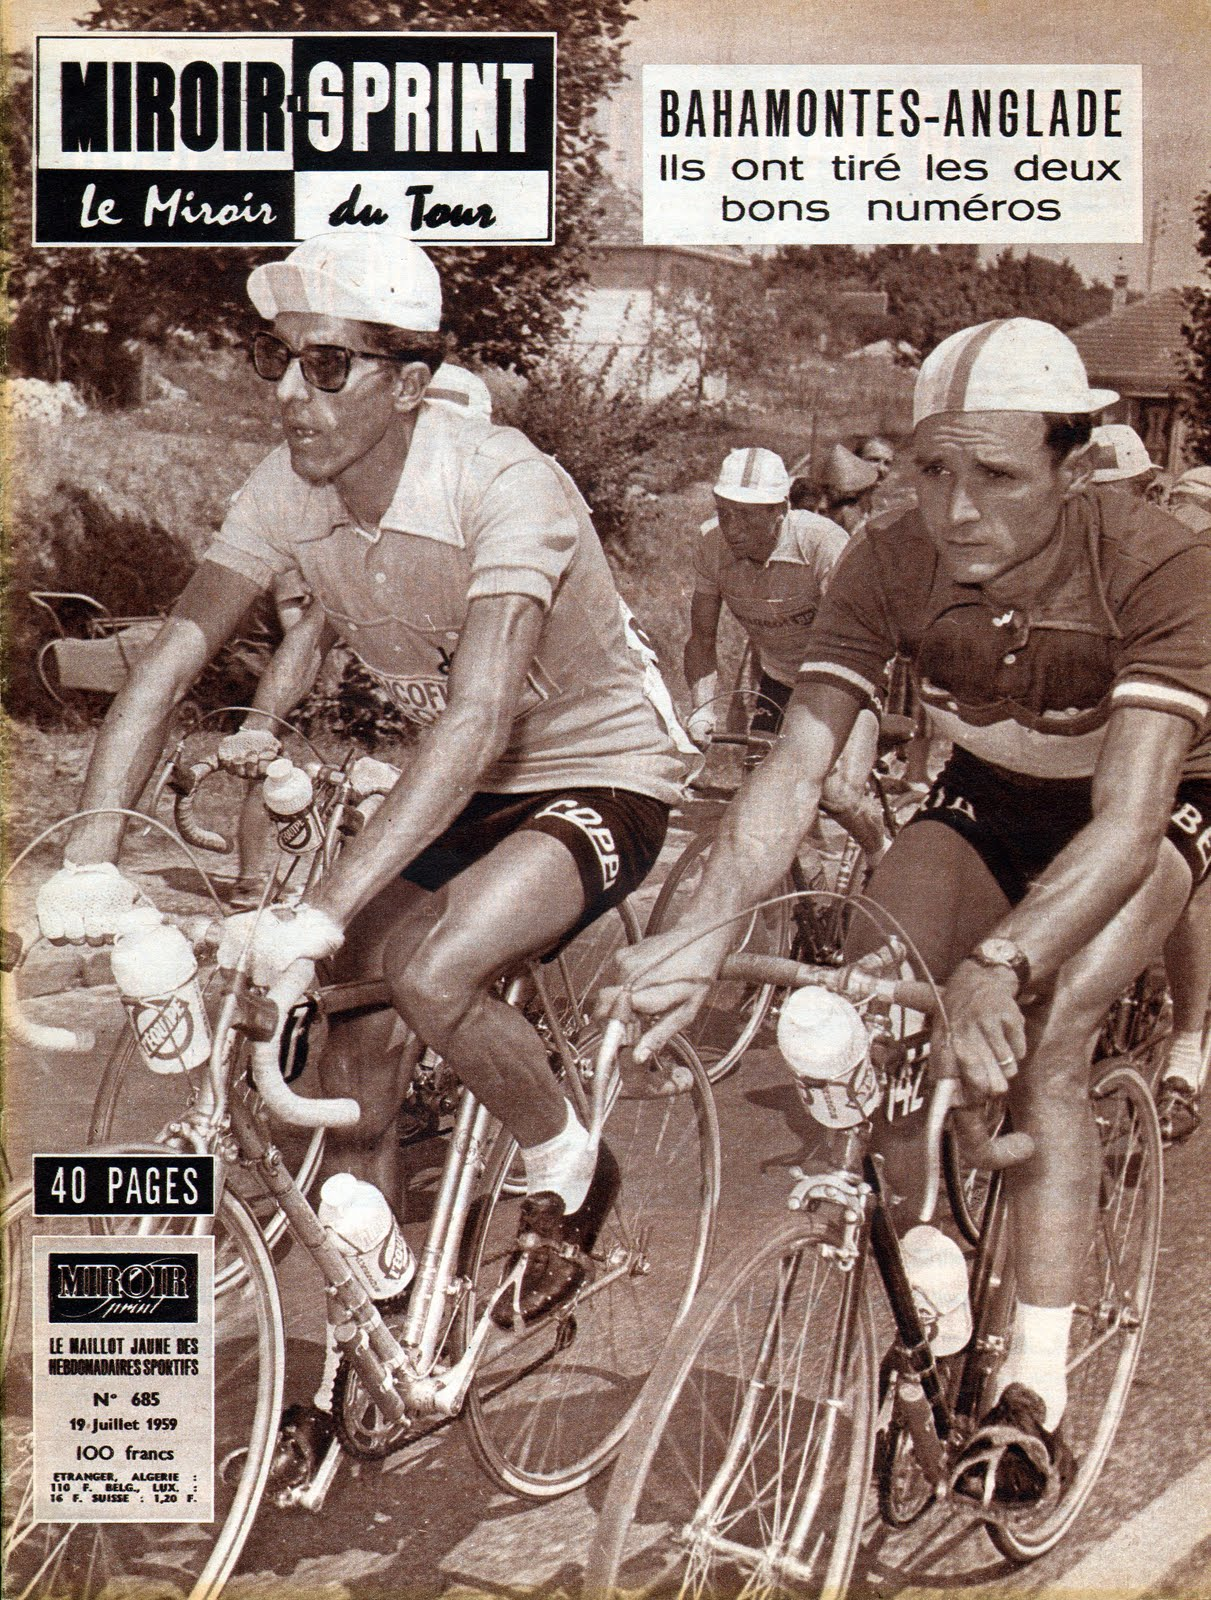 Mon tour de france 1959 la suite miroir sprint retour for Miroir du cyclisme